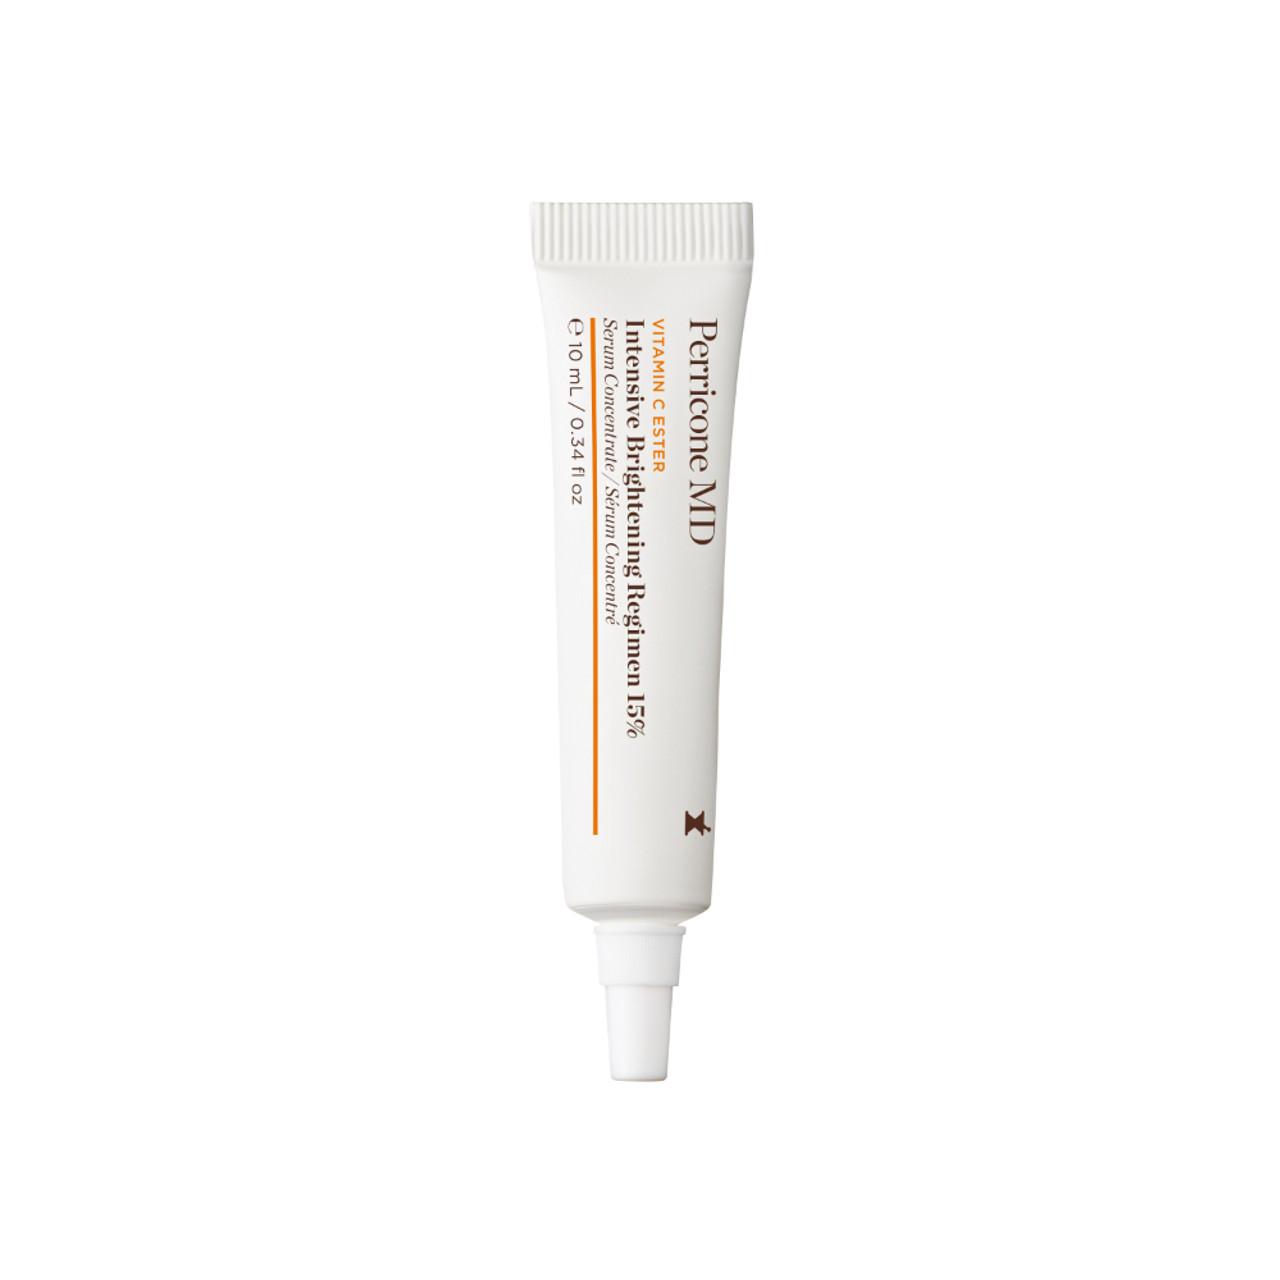 Perricone MD Vitamin C Ester Intensive Brightening Regimen 15%